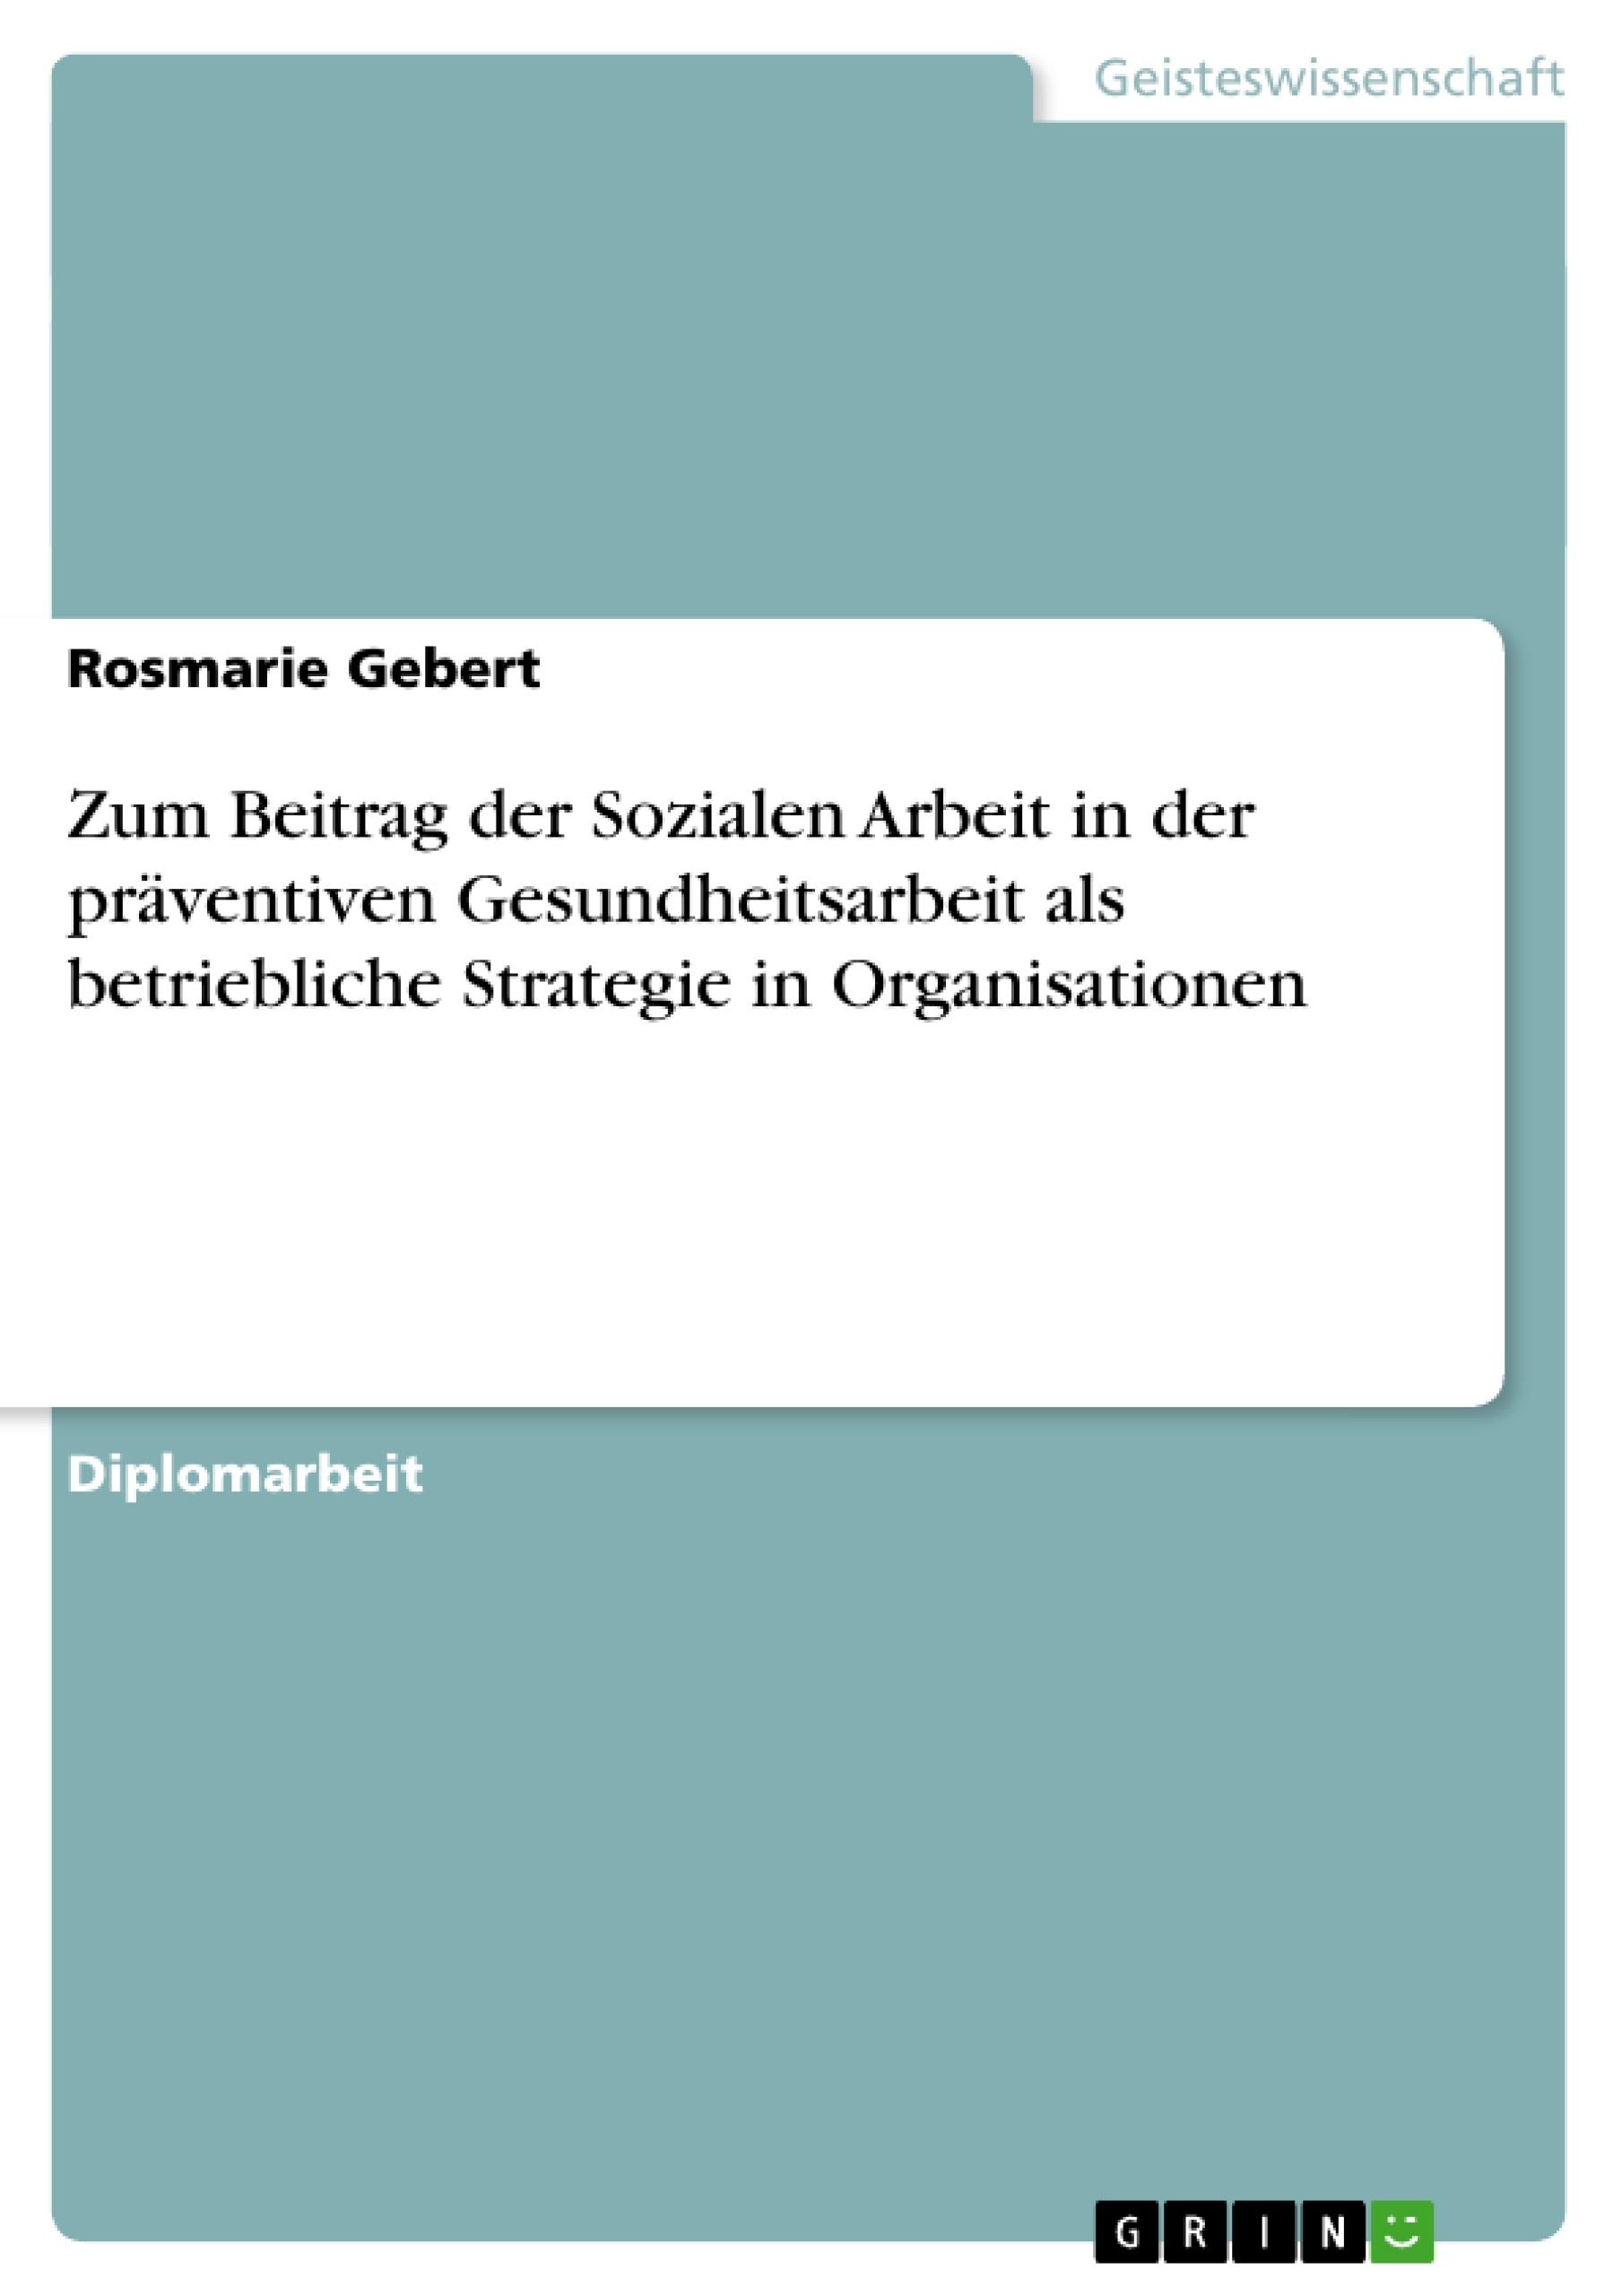 Titel: Zum Beitrag der Sozialen Arbeit in der präventiven Gesundheitsarbeit als betriebliche Strategie in Organisationen